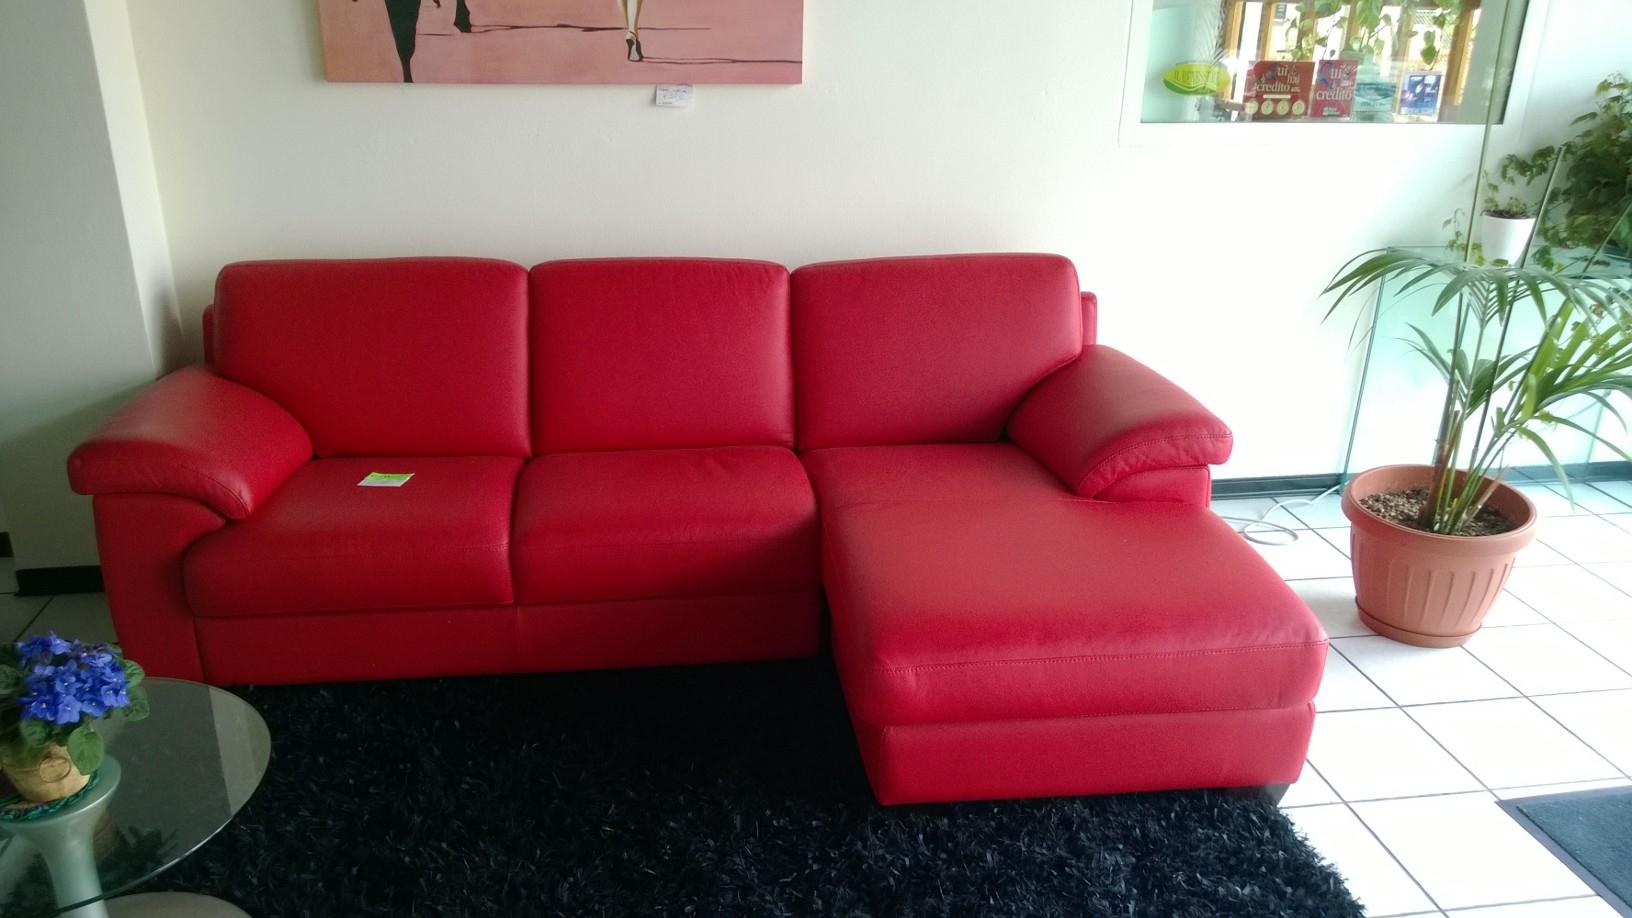 Divano bros sof pelle divani a prezzi scontati for Divano letto in pelle prezzi